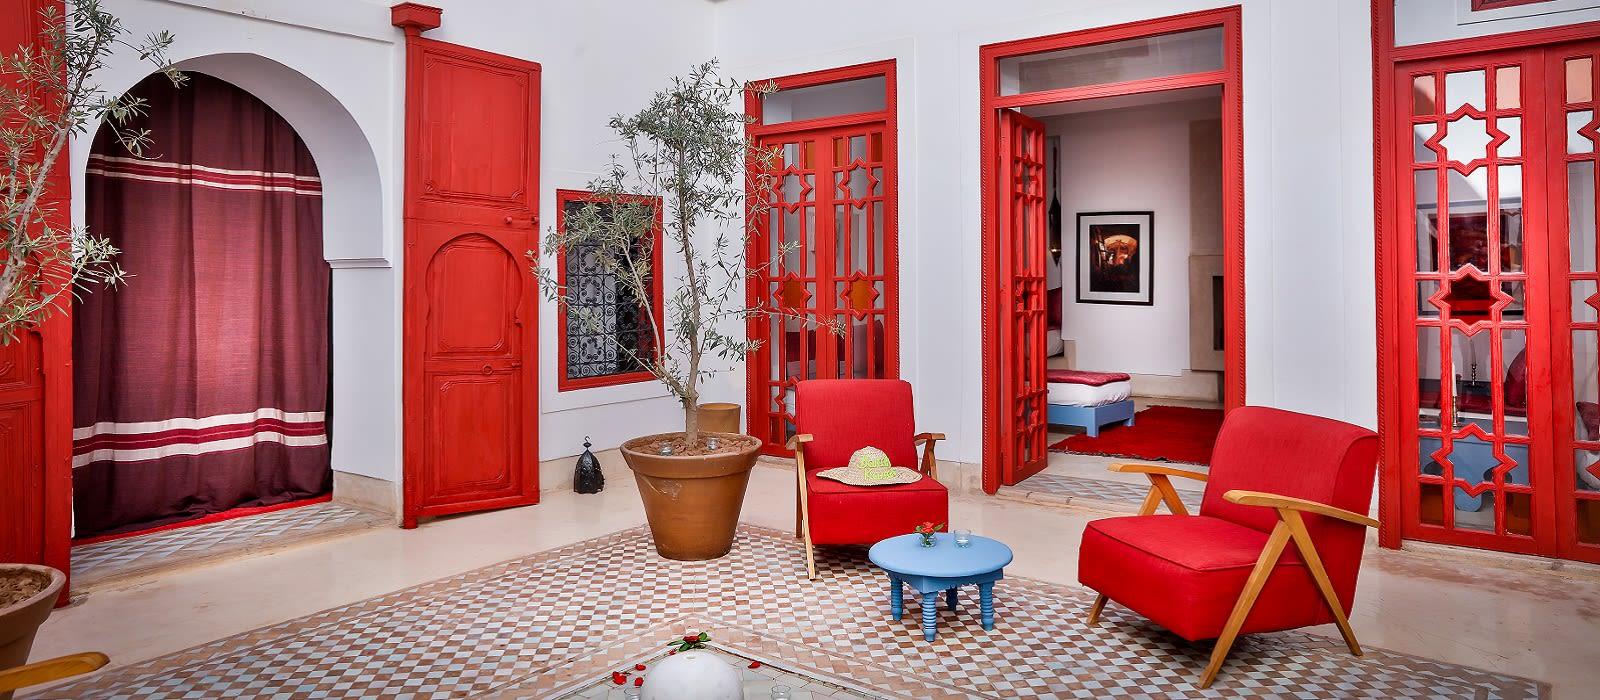 Hotel Dar Baraka & Karam Morocco